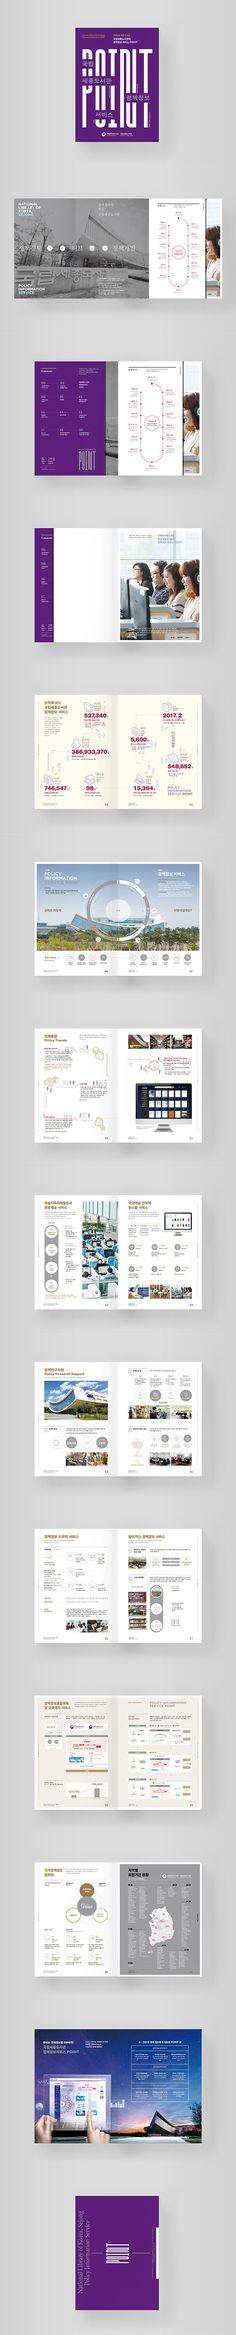 [브로슈어 디자인] 국립 세종도서관 정책정보 서비스 POINT 브로슈어 제작 : 네이버 블로그 Book Design, App Design, Layout Design, Design Art, Brochure Cover, Brochure Design, Editorial Layout, Editorial Design, Picture Albums